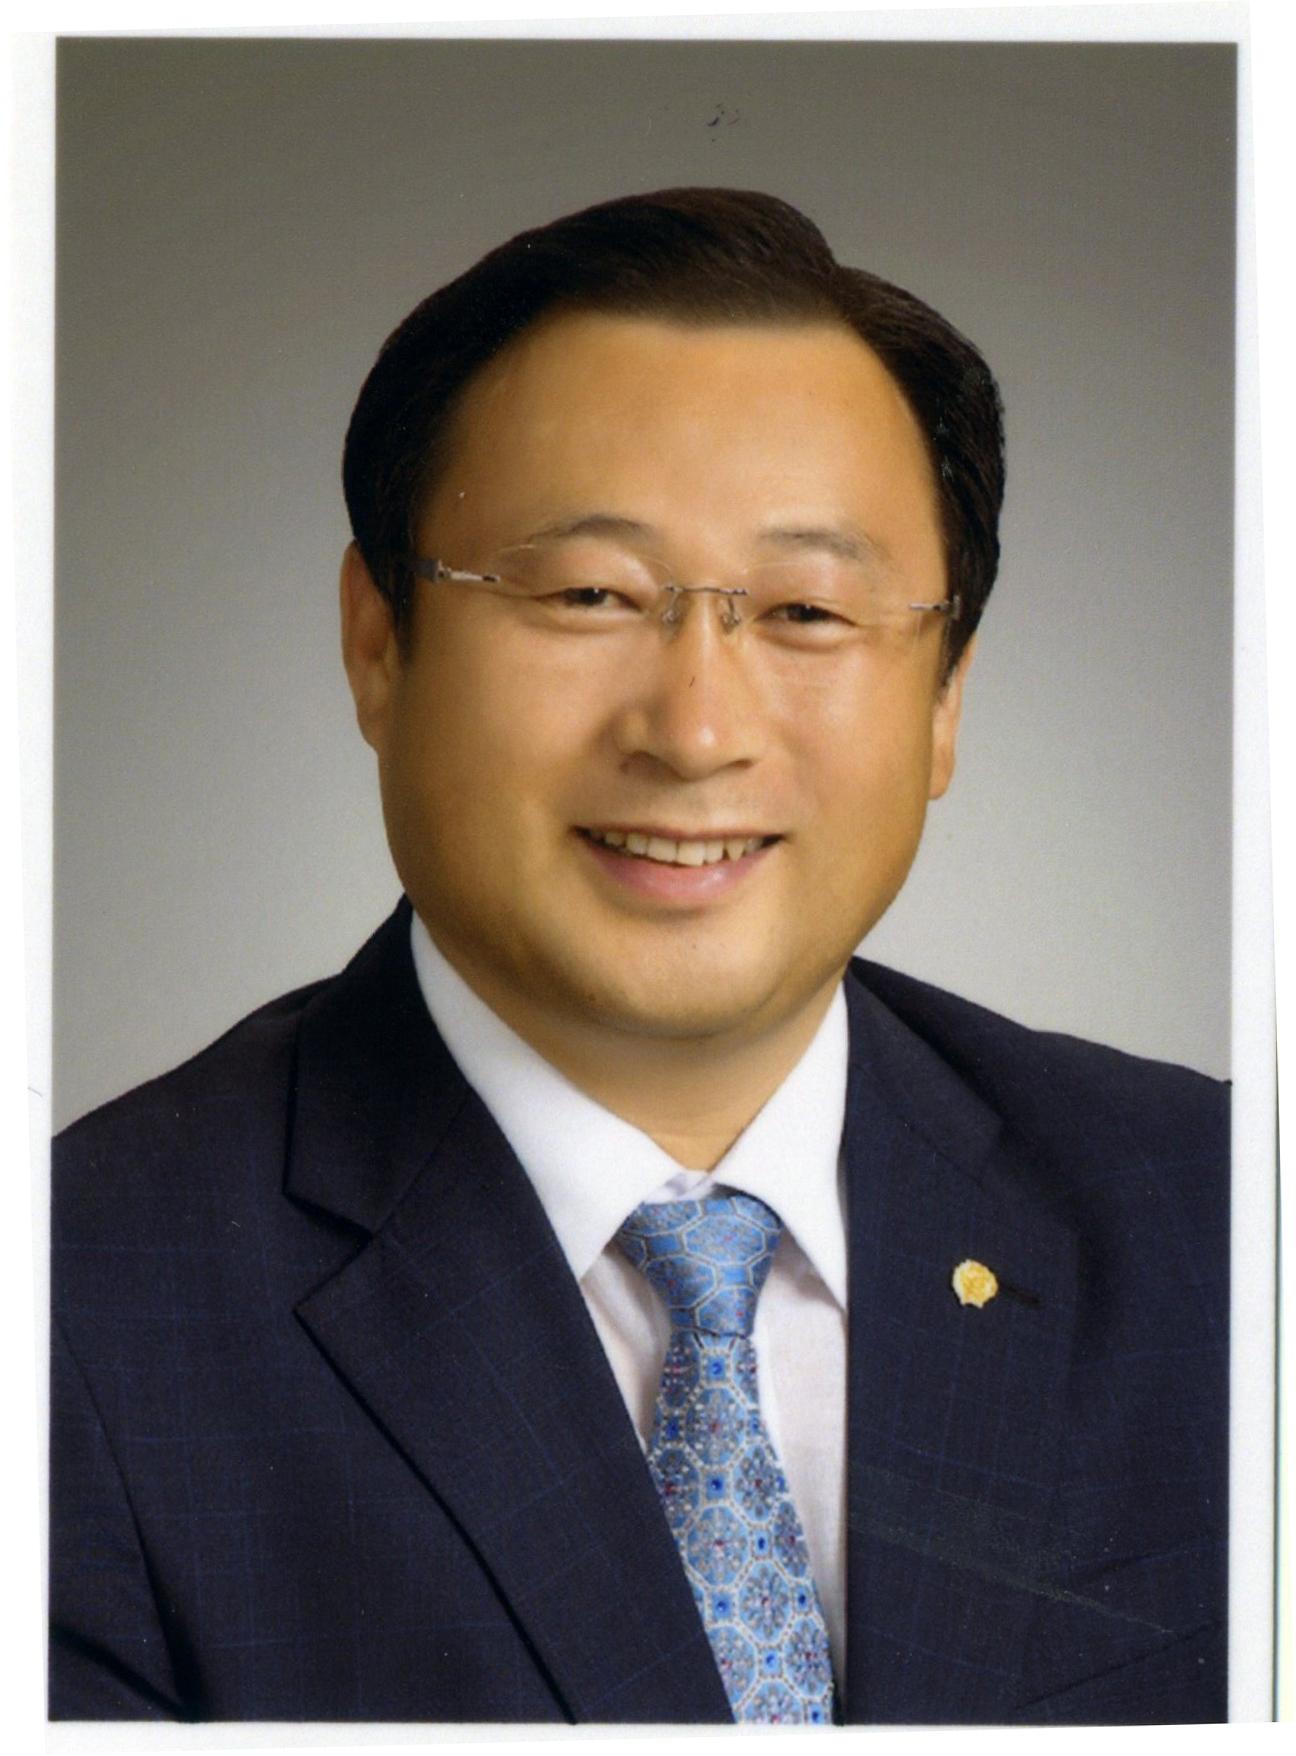 서기 후보 이승갑 목사